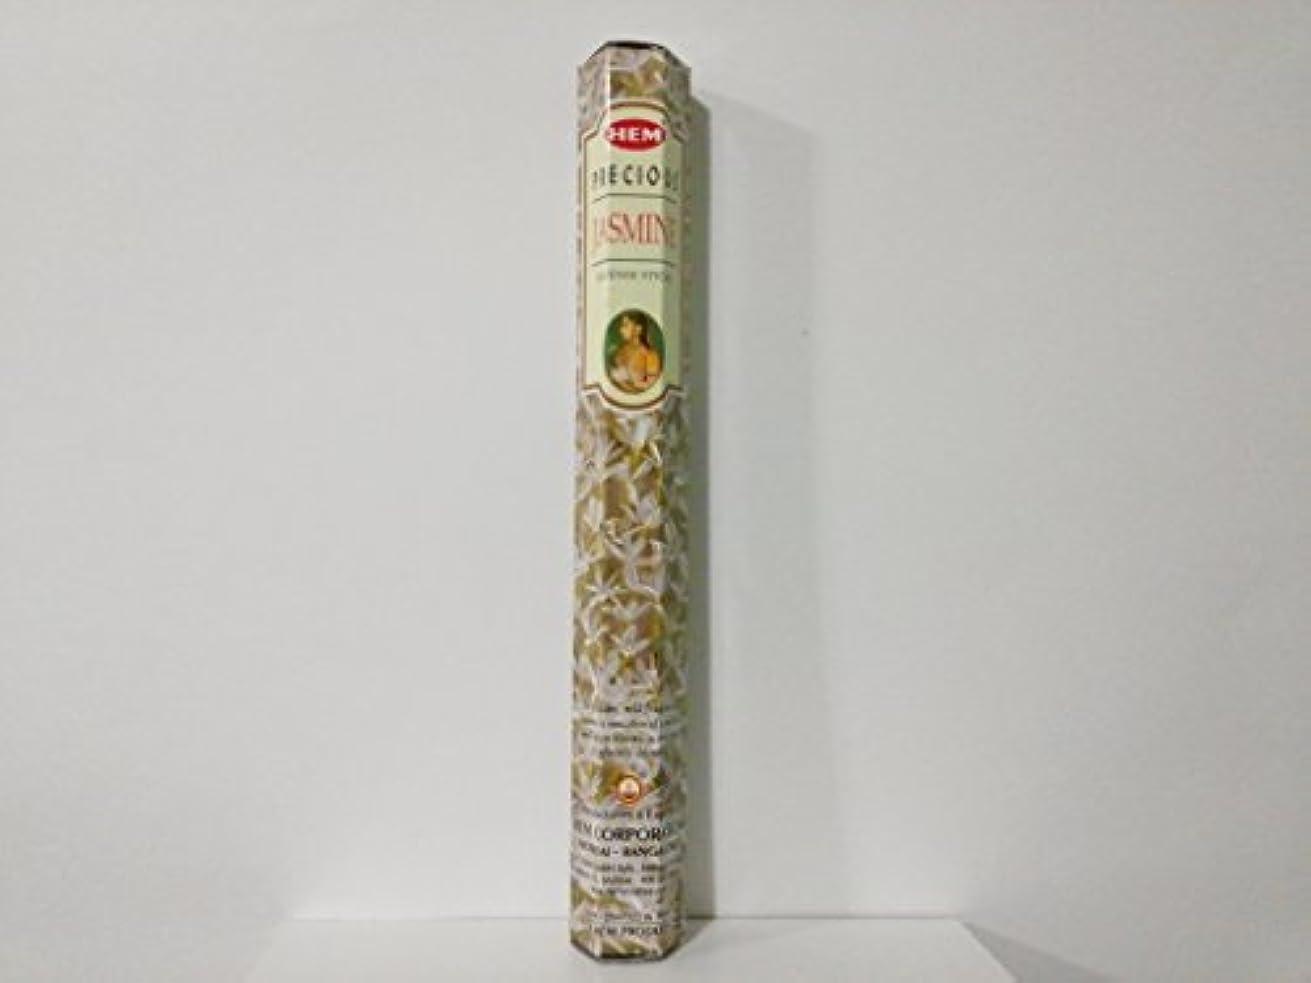 土砂降り警告するスラック1 x Hem Precious Jasmine Incense Sticks 120 Ct